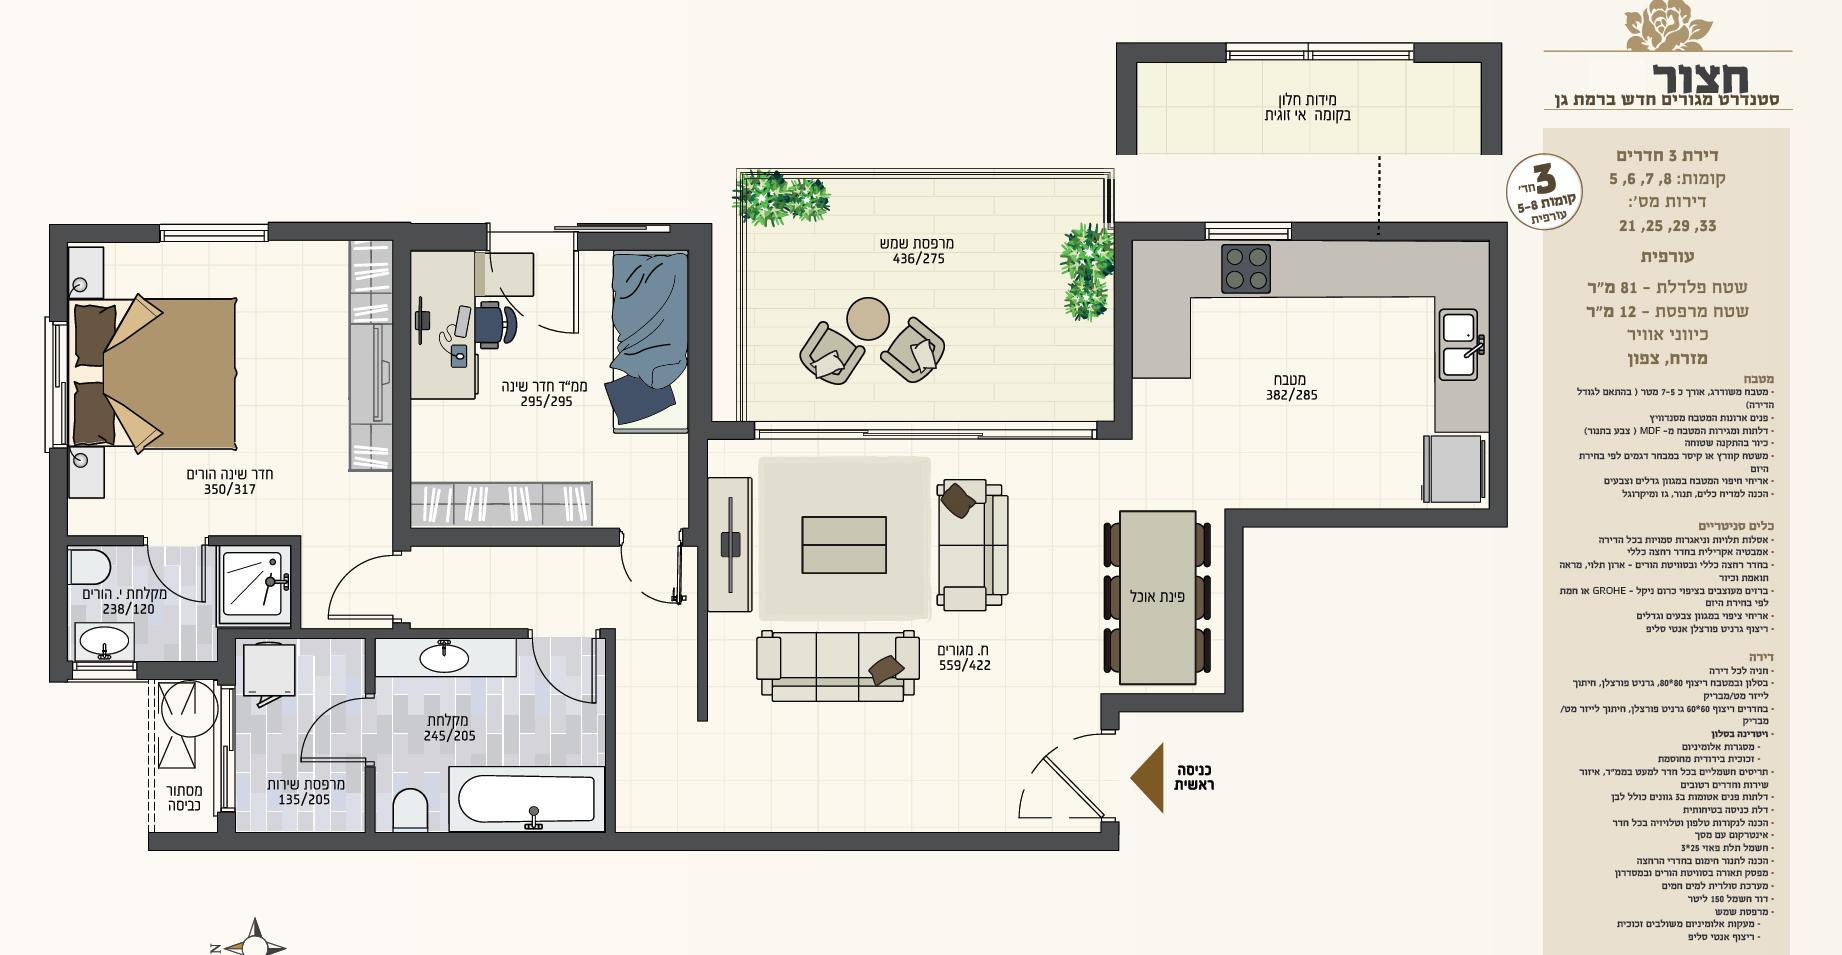 תכניות 3 חדרים- עורף- חצור